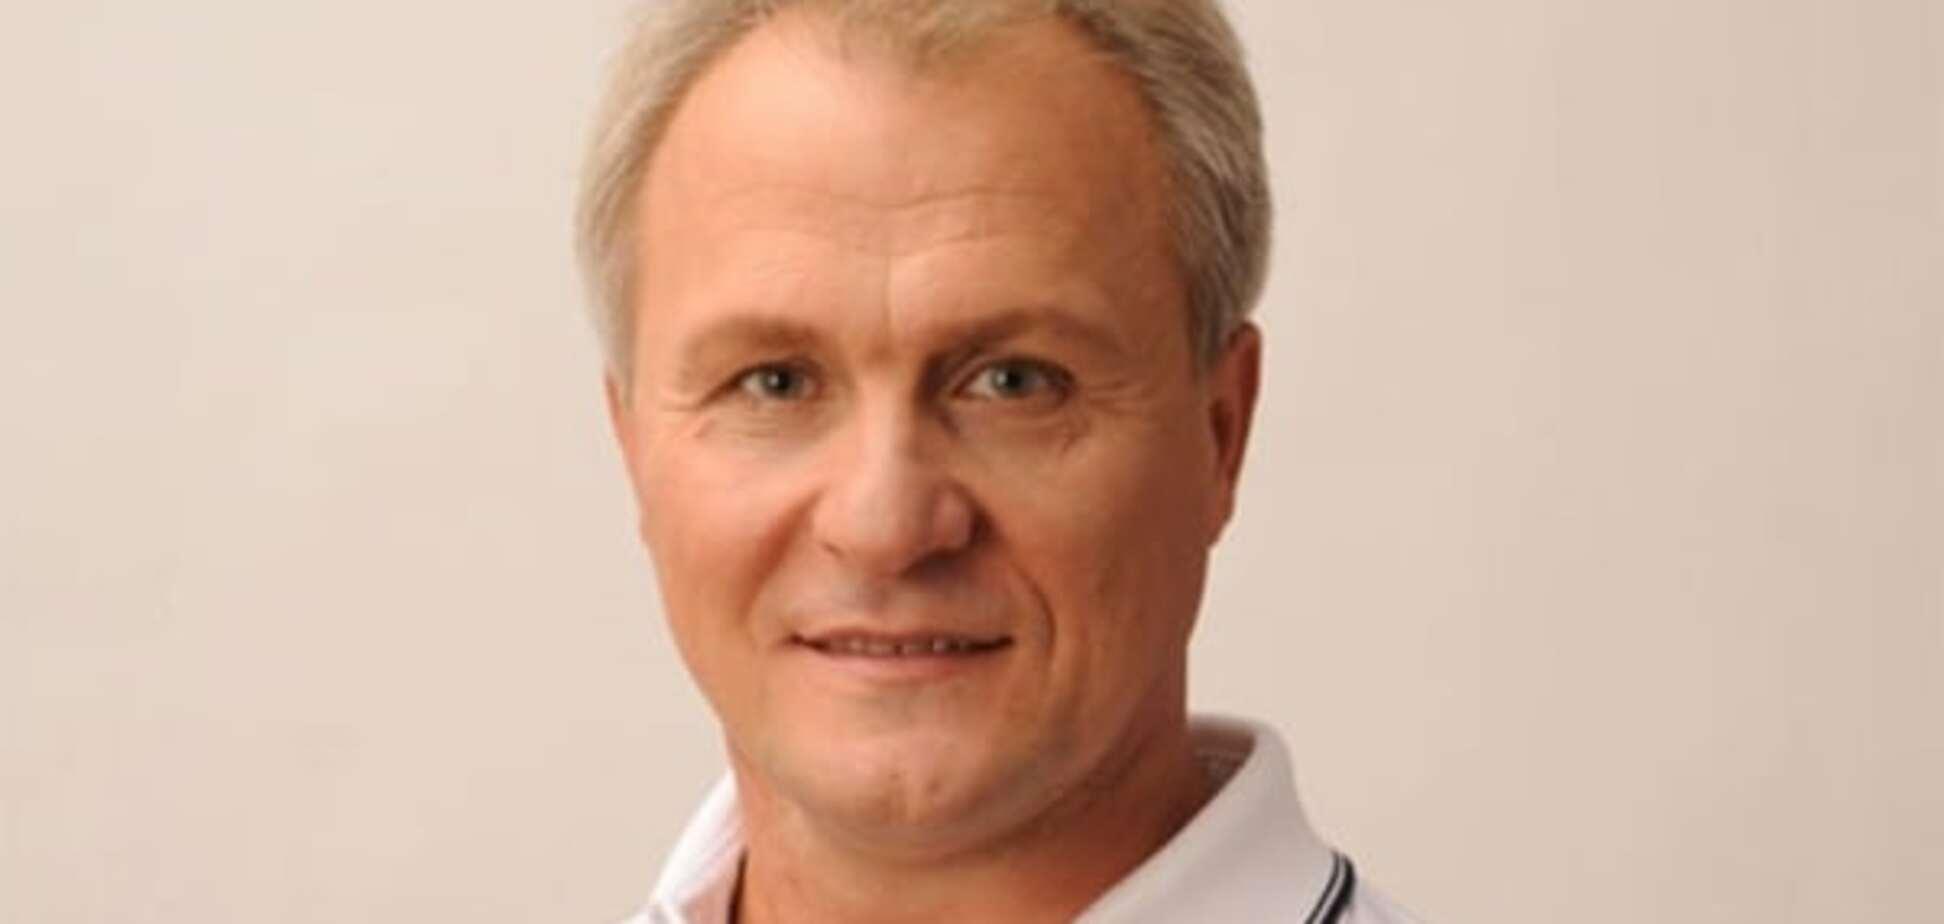 Победа: суд высшей инстанции признал херсонского депутата Романюка коррупционером!